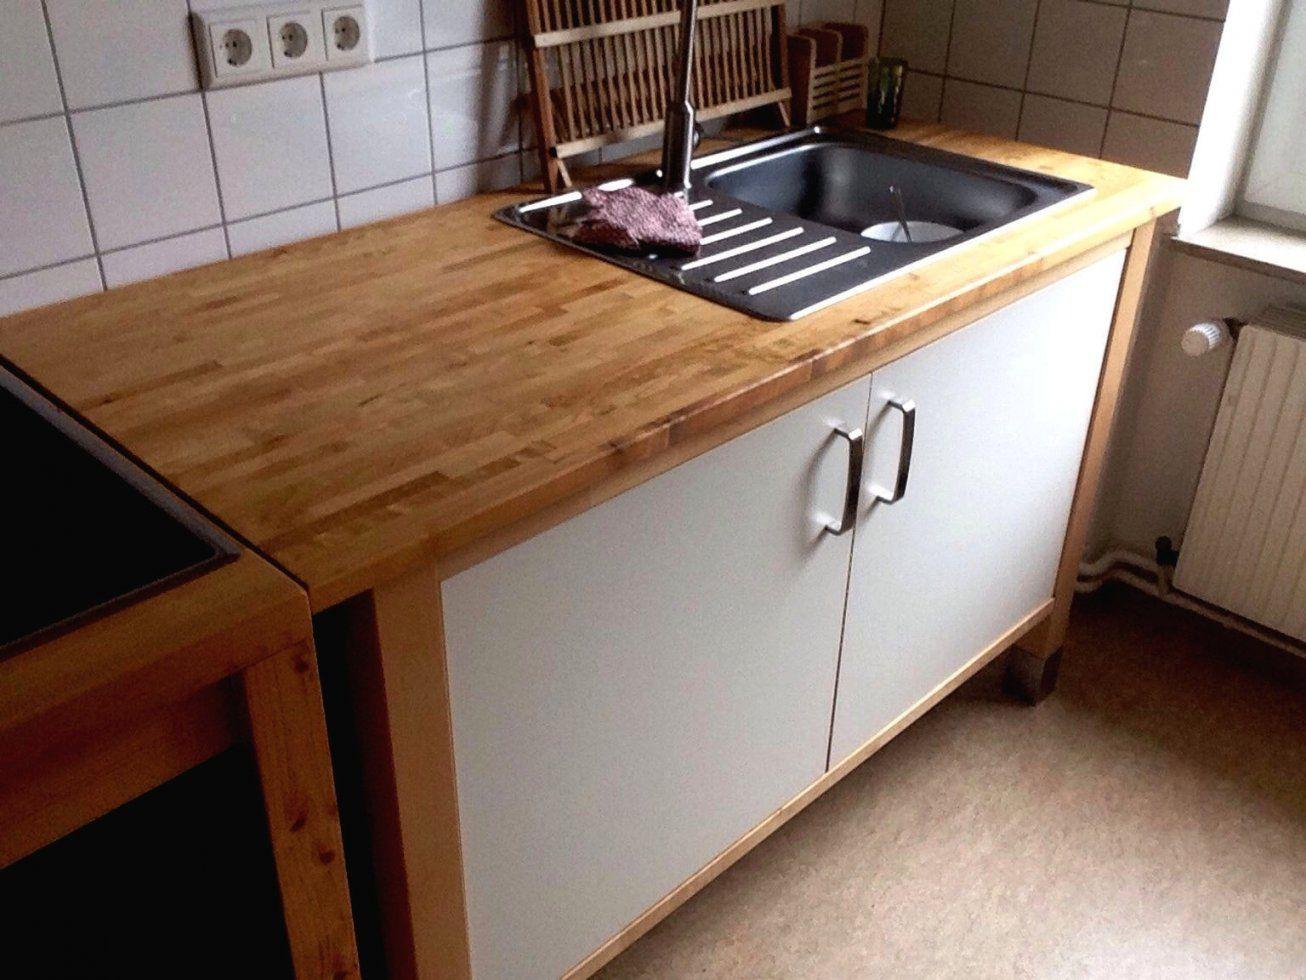 Atemberaubende Ideen Küchen Unterschrank Spüle Und Schöne Wunderbar von Küchen Unterschrank Mit Spüle Bild